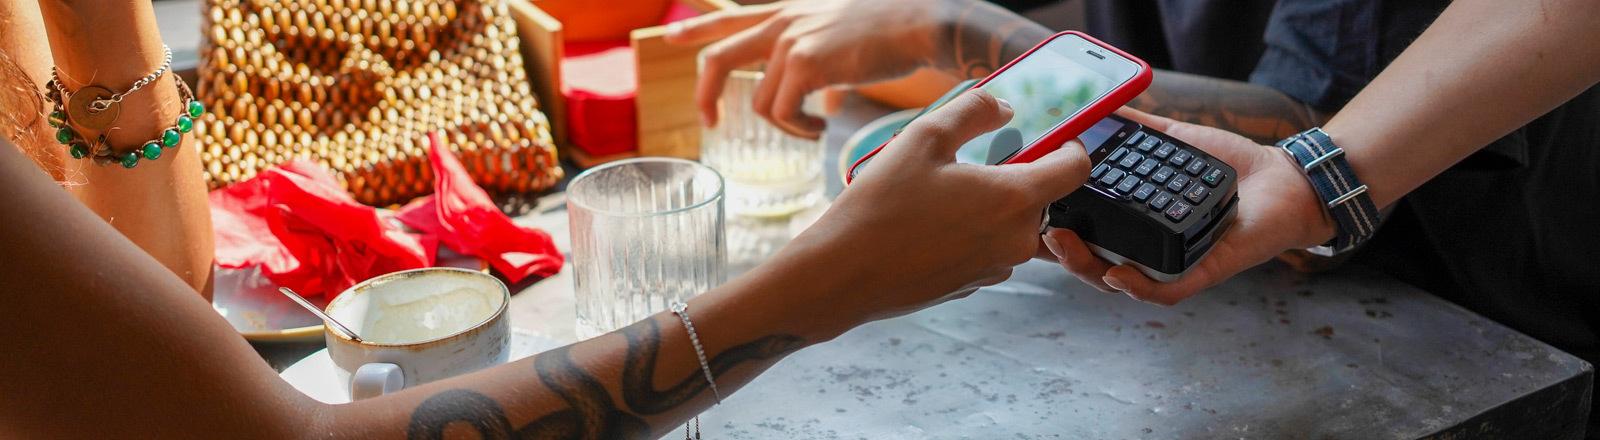 Bezahlen mit dem Handy in einem Café